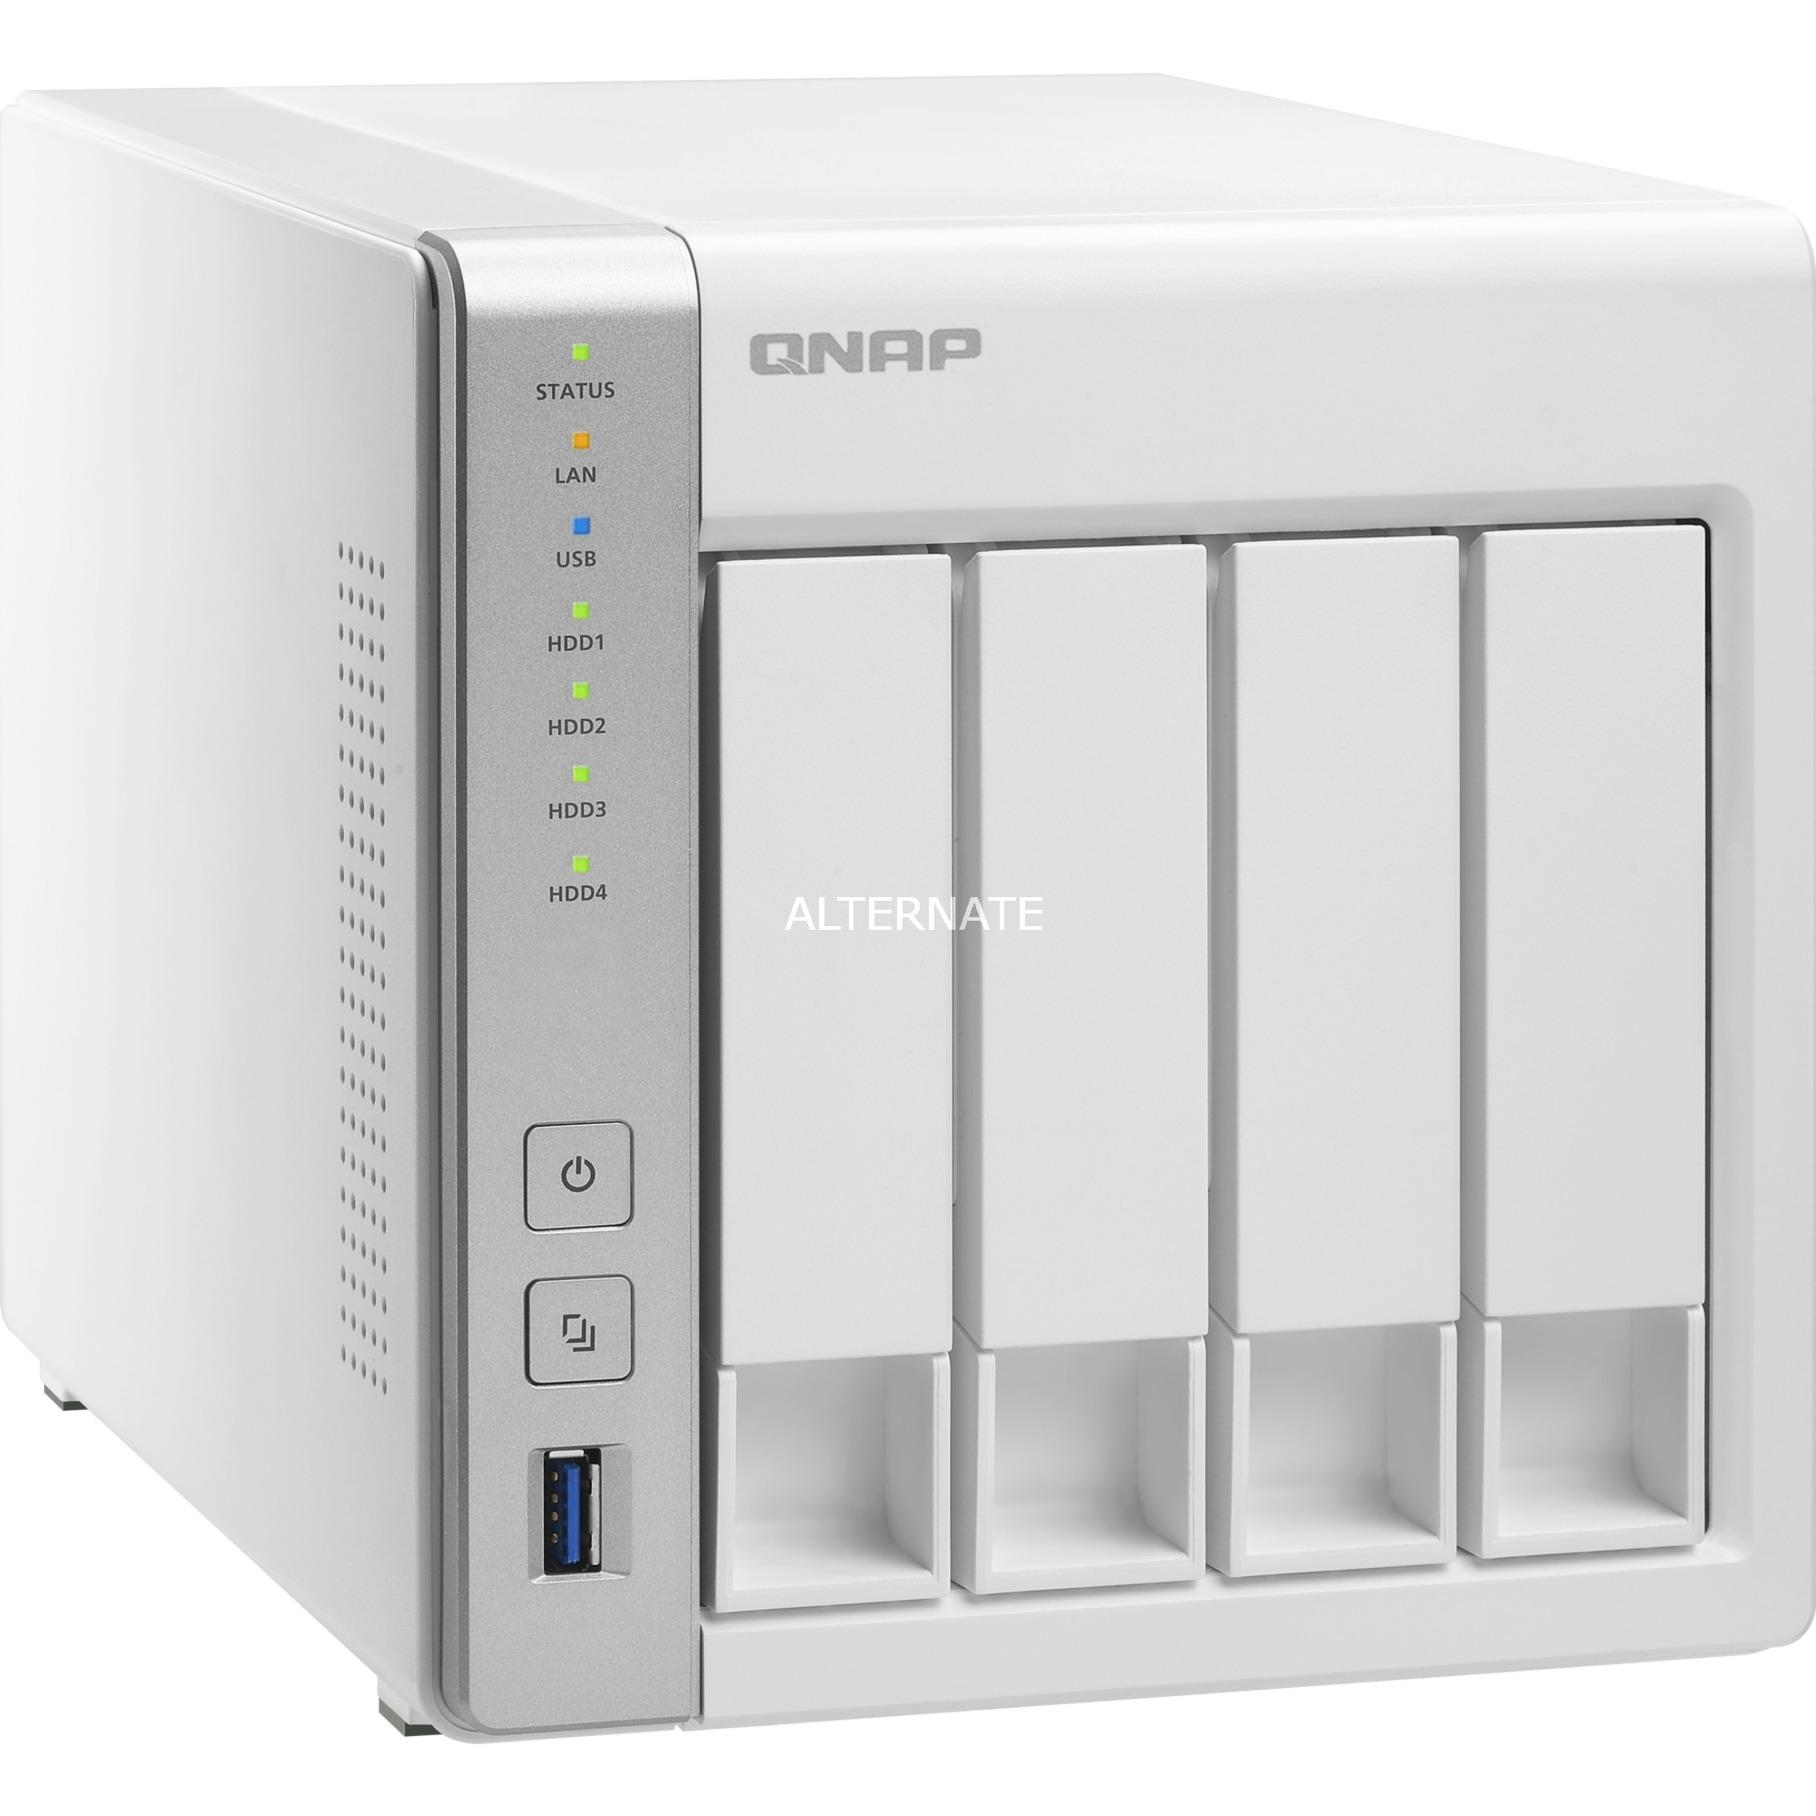 TS-431P NAS Torre Ethernet Blanco servidor de almacenamiento